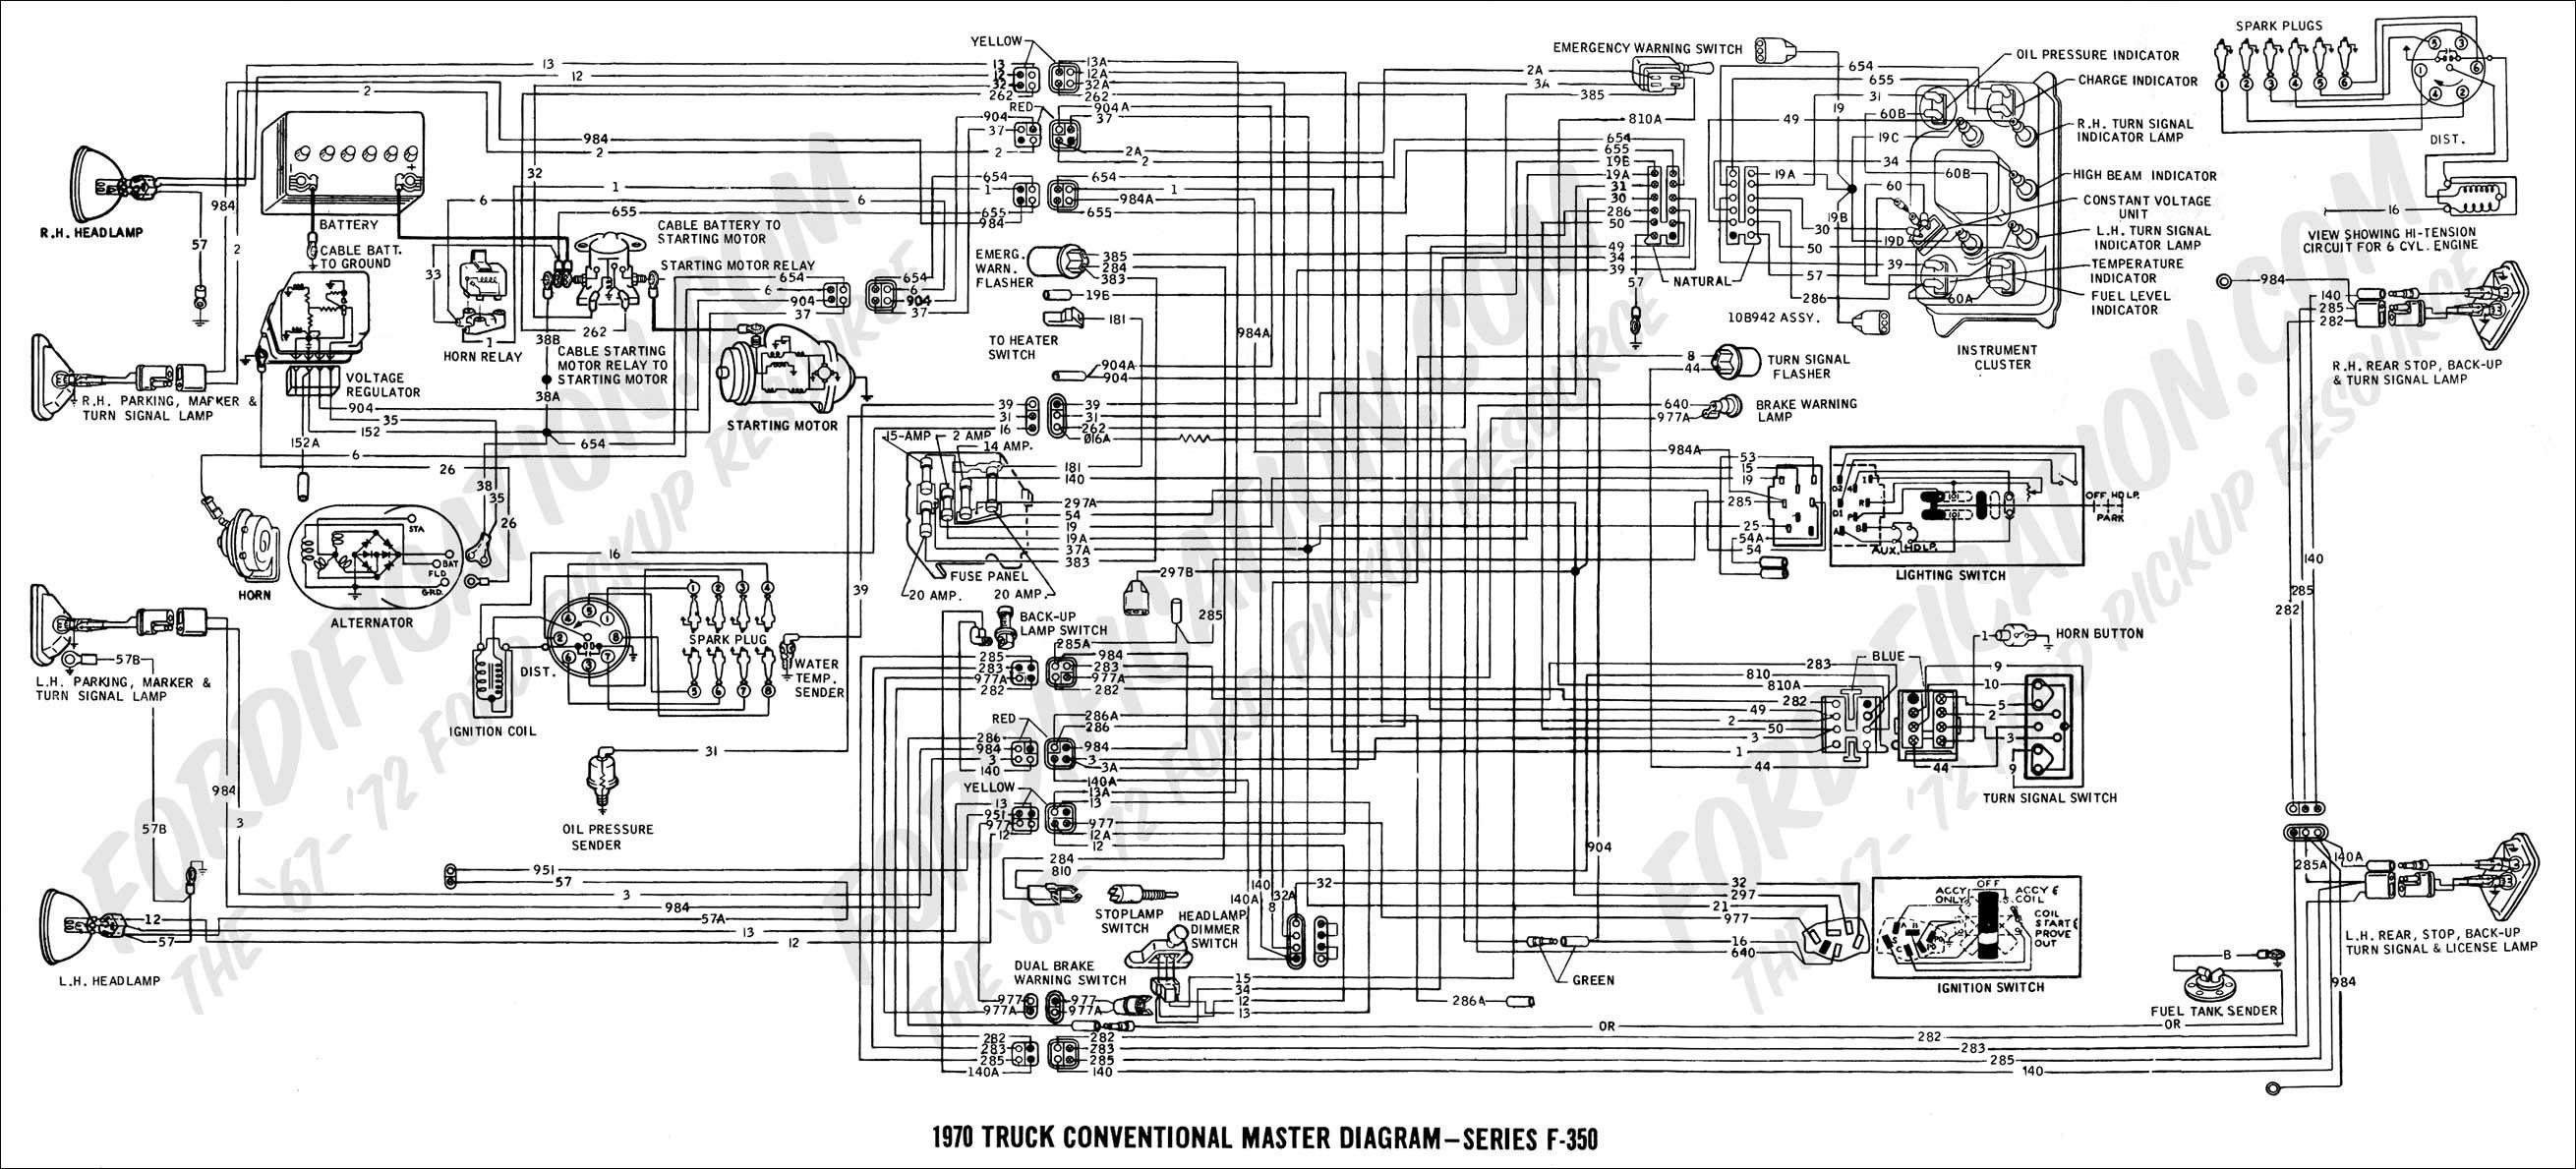 2001 Saturn Sl1 Engine Diagram Iwak Kutok Saturn Sl1 Engine Diagram Wiring Info • Of 2001 Saturn Sl1 Engine Diagram